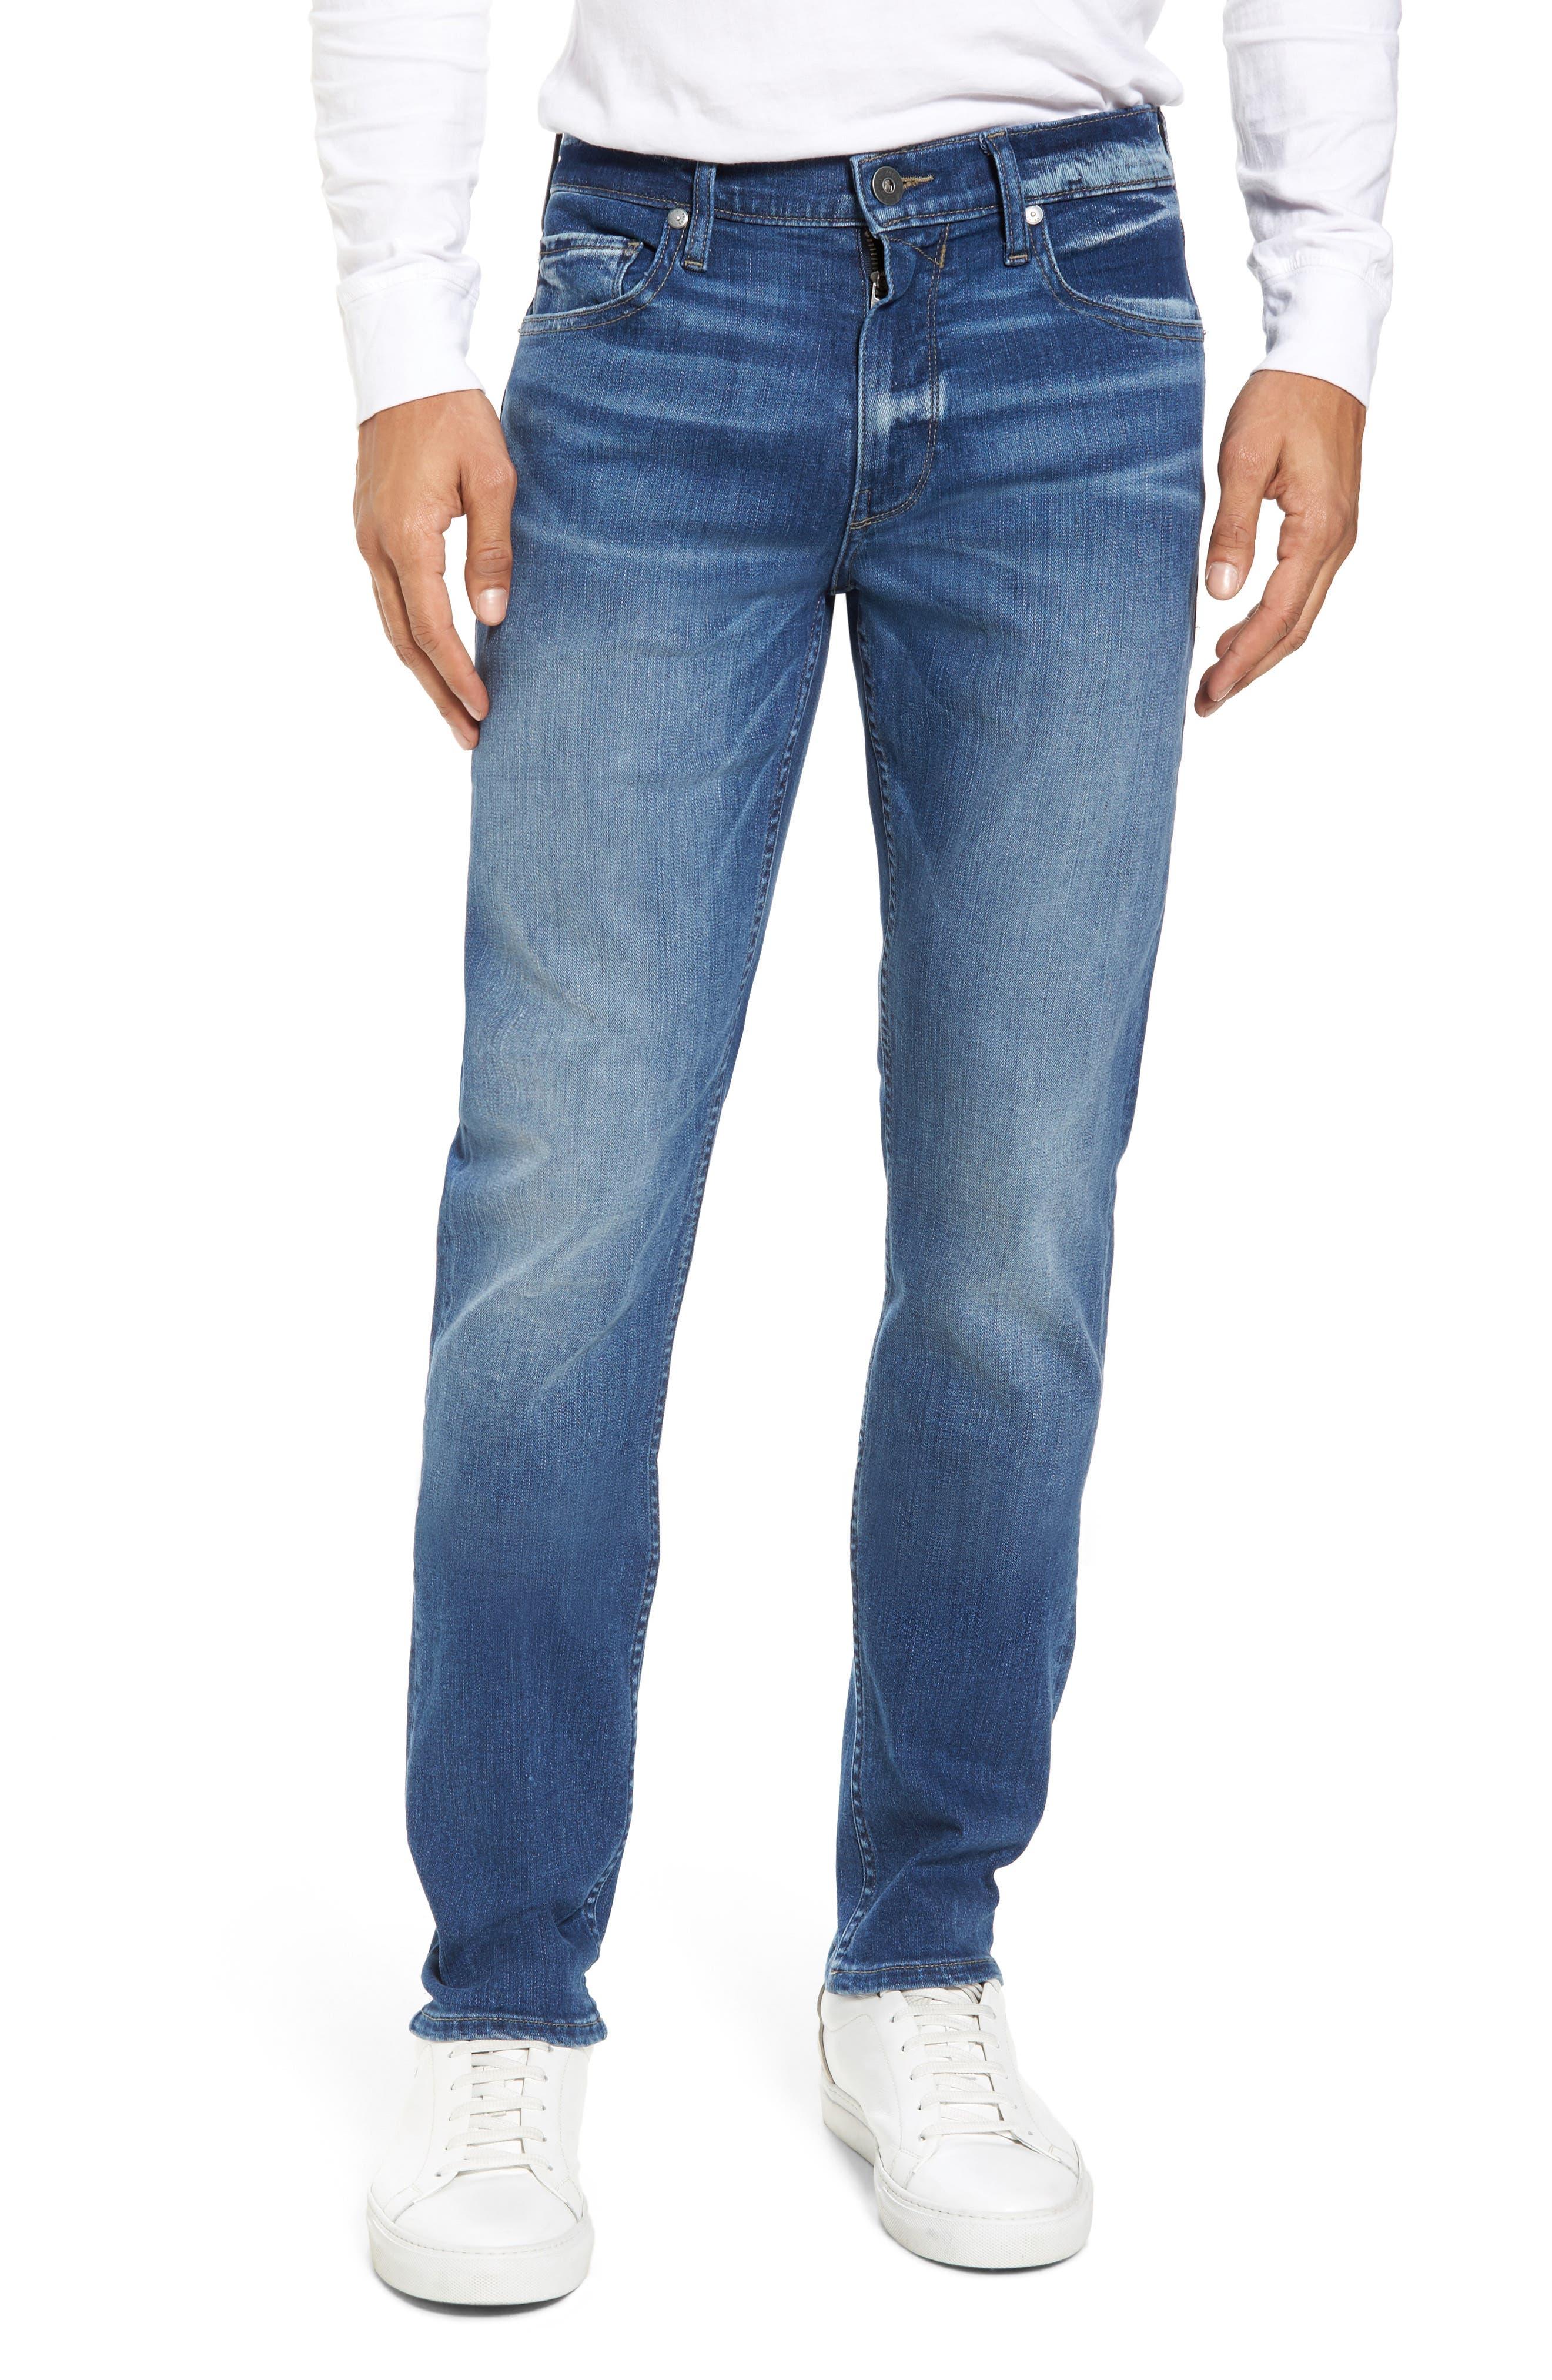 PAIGE Transcend - Lennox Slim Fit Jeans, Main, color, MULHOLLAND